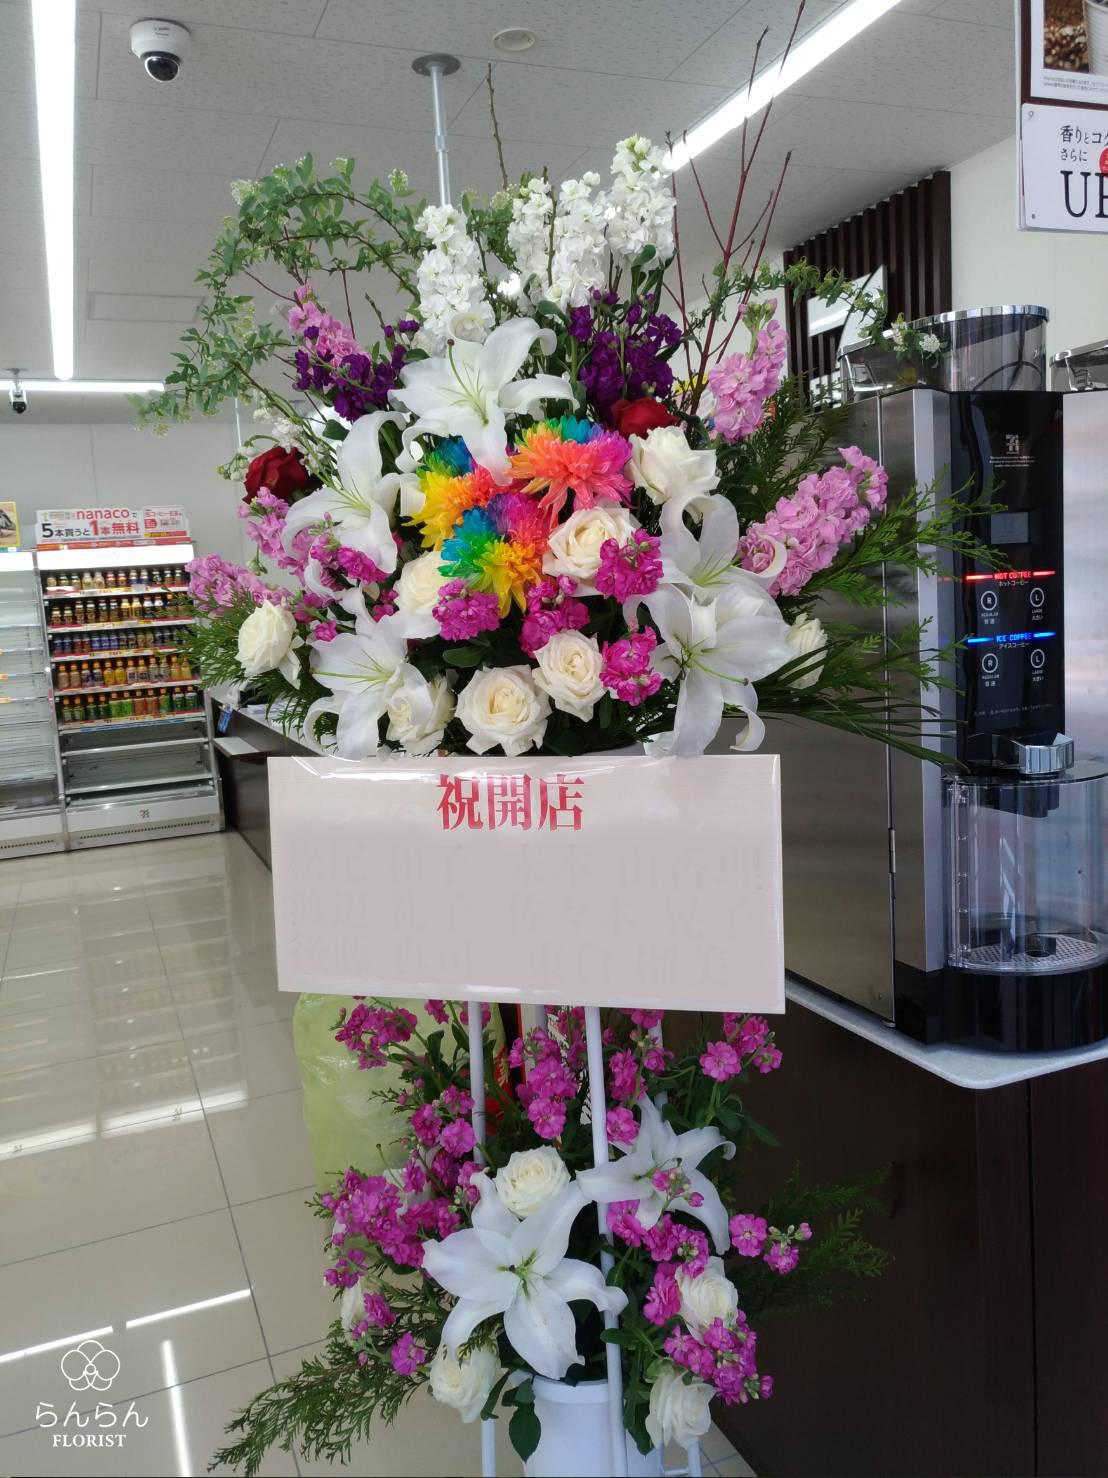 セブンイレブン 福岡舞鶴1丁目店 スタンド花